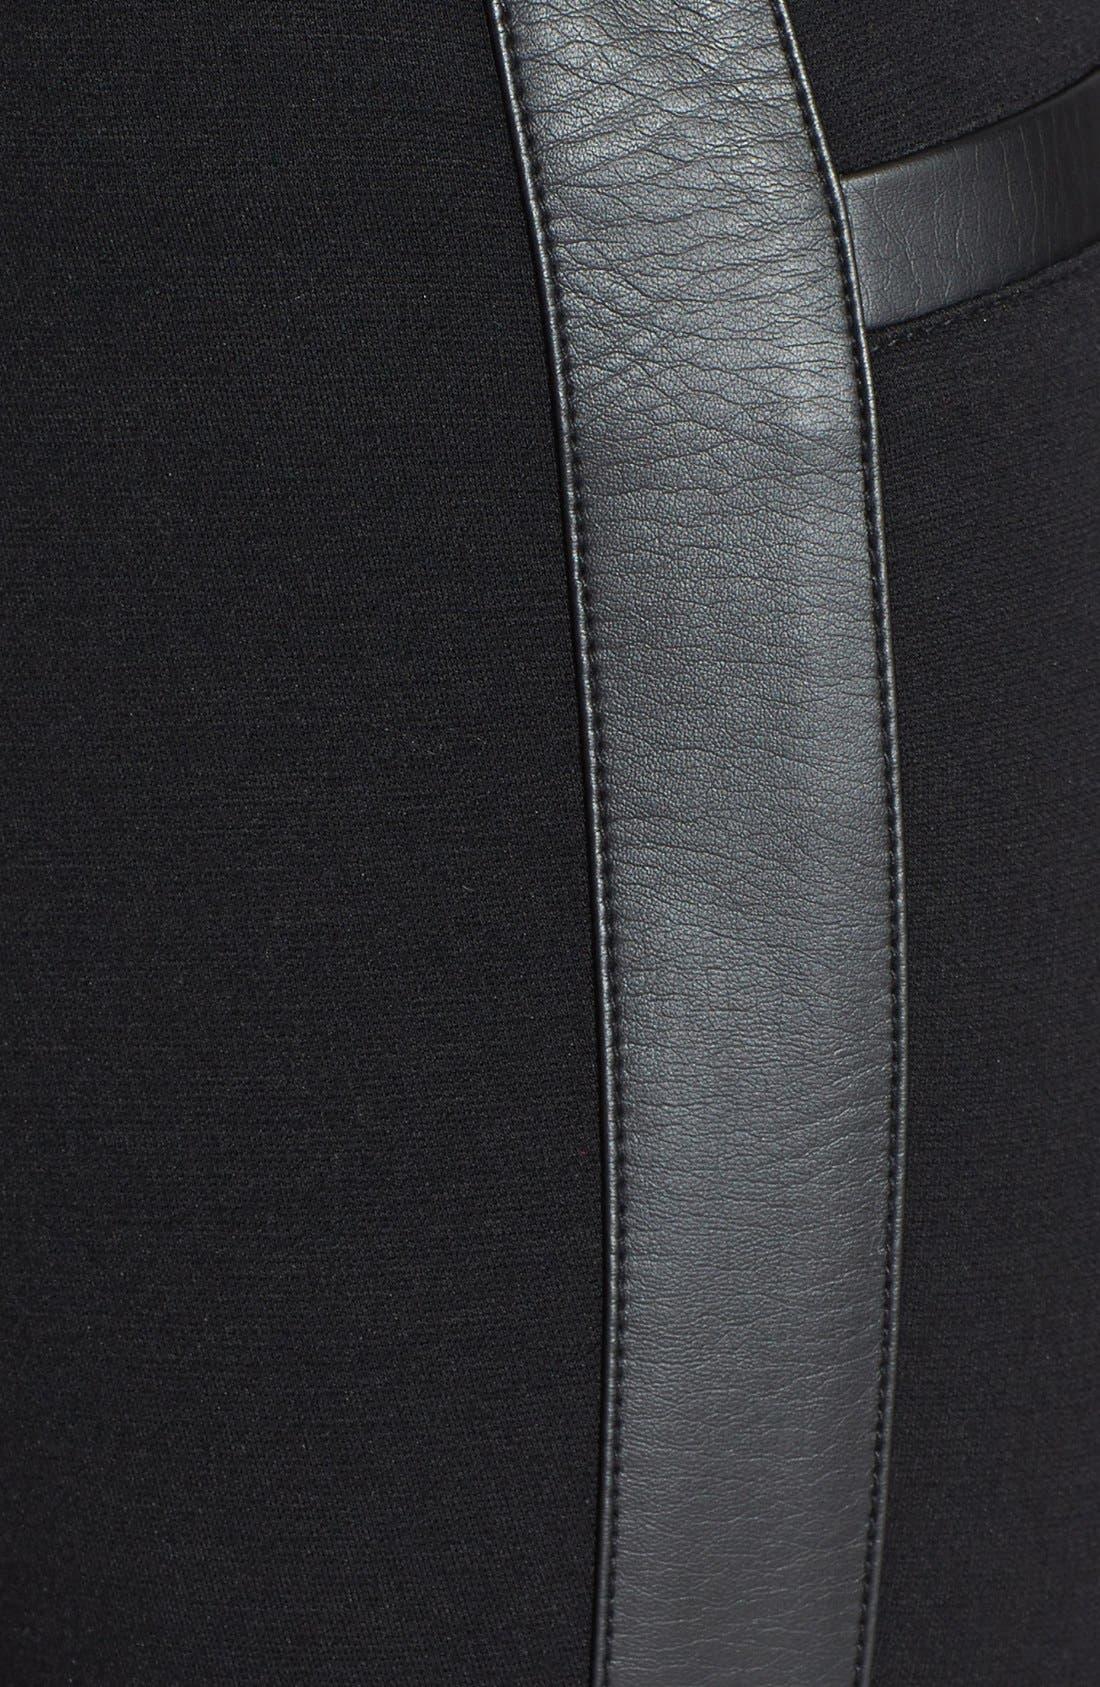 Alternate Image 3  - Trouvé Faux Leather Trim Ponte Pants